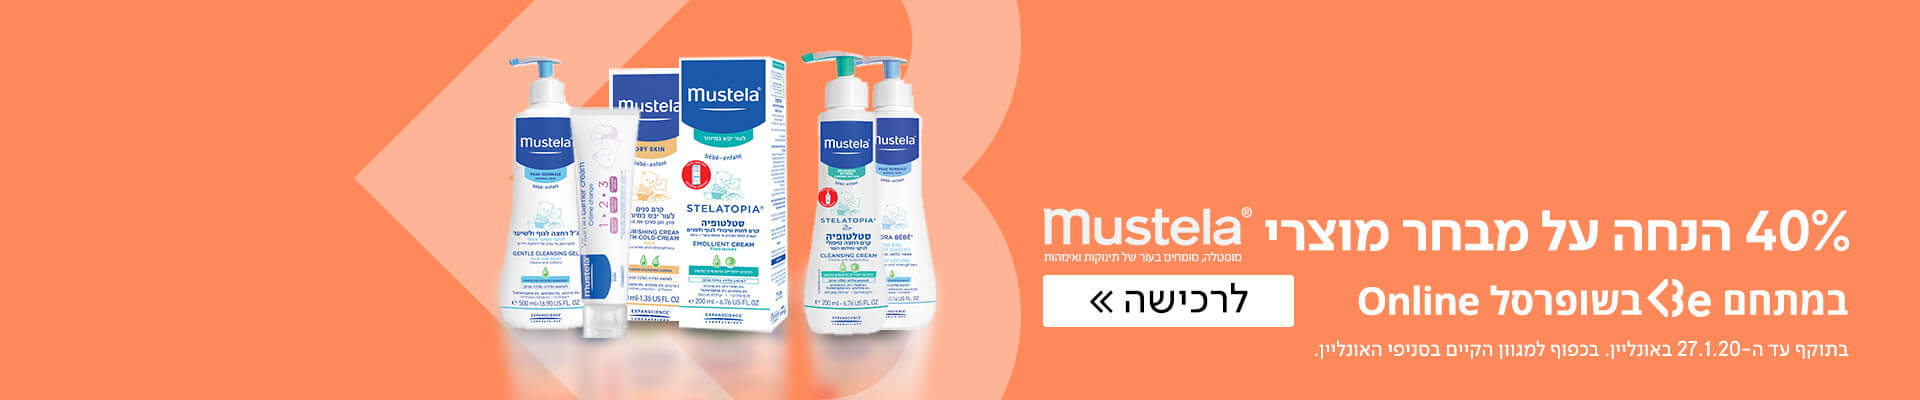 40% הנחה על מוצרי MUSTELA במתחם BE בשופרסל ONLINE בתוקף עד ה-27.1.20